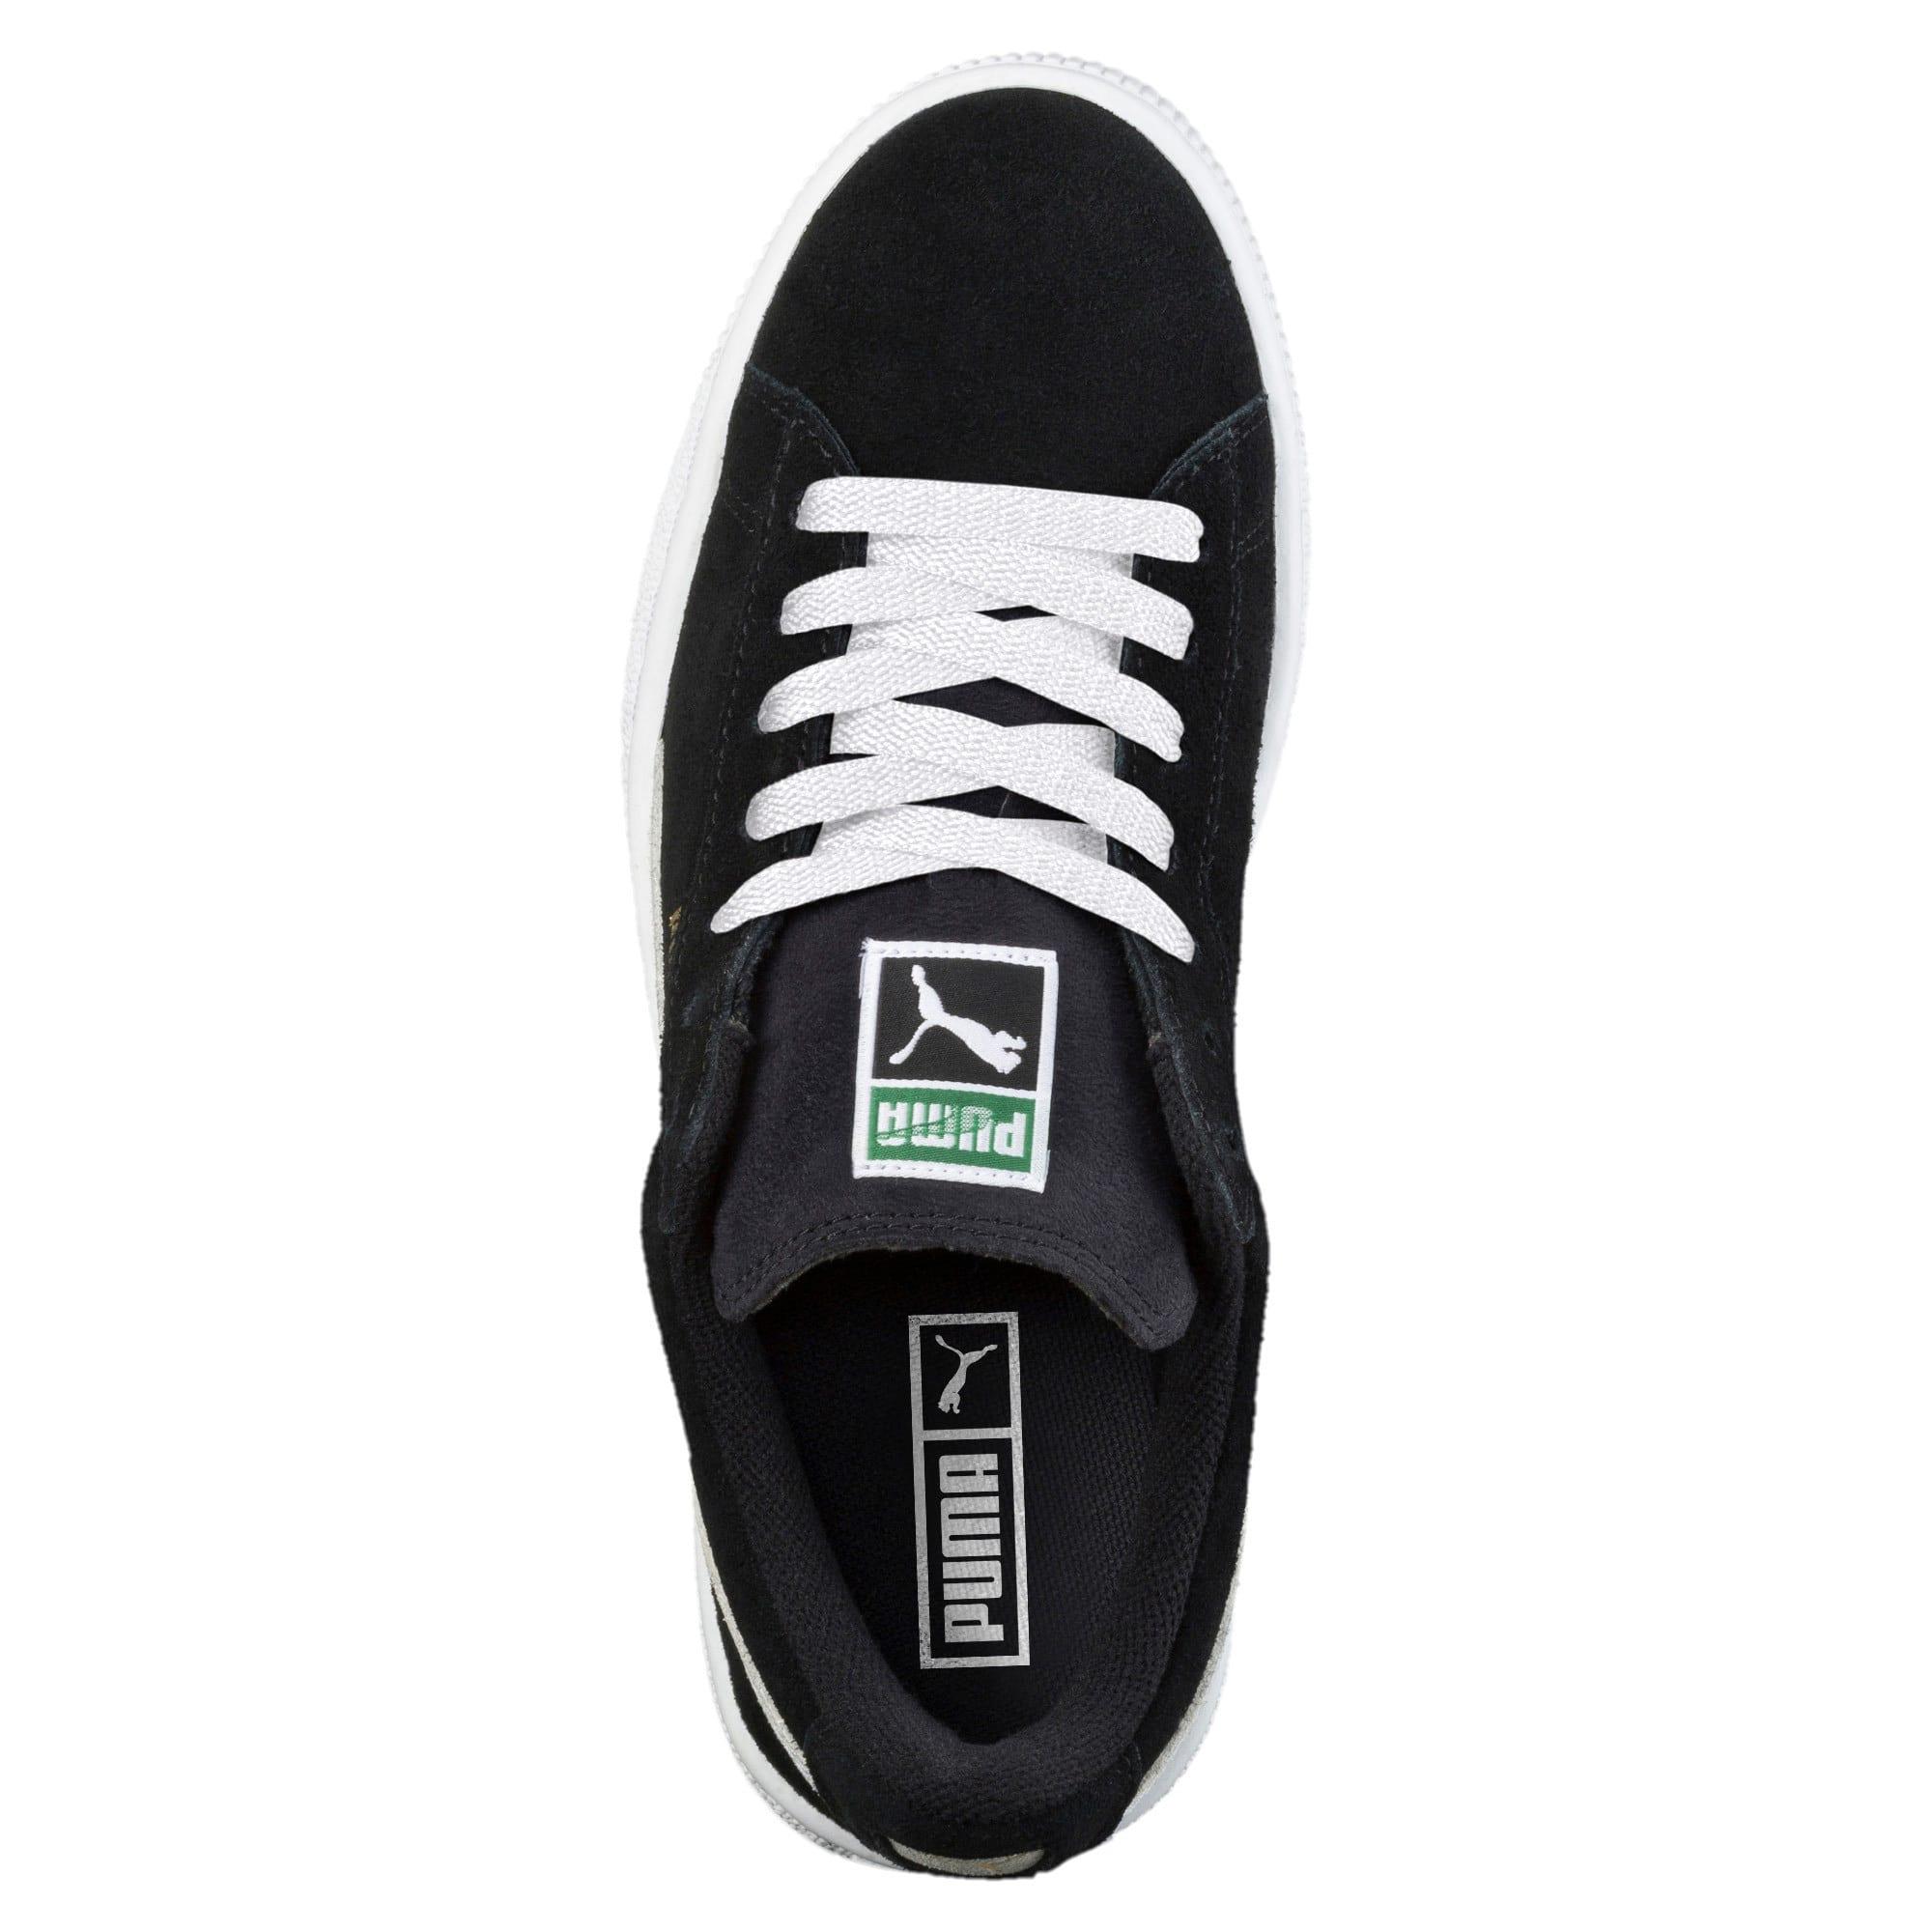 Imagen en miniatura 5 de Zapatillas de niño Suede, Puma Black-Puma White, mediana